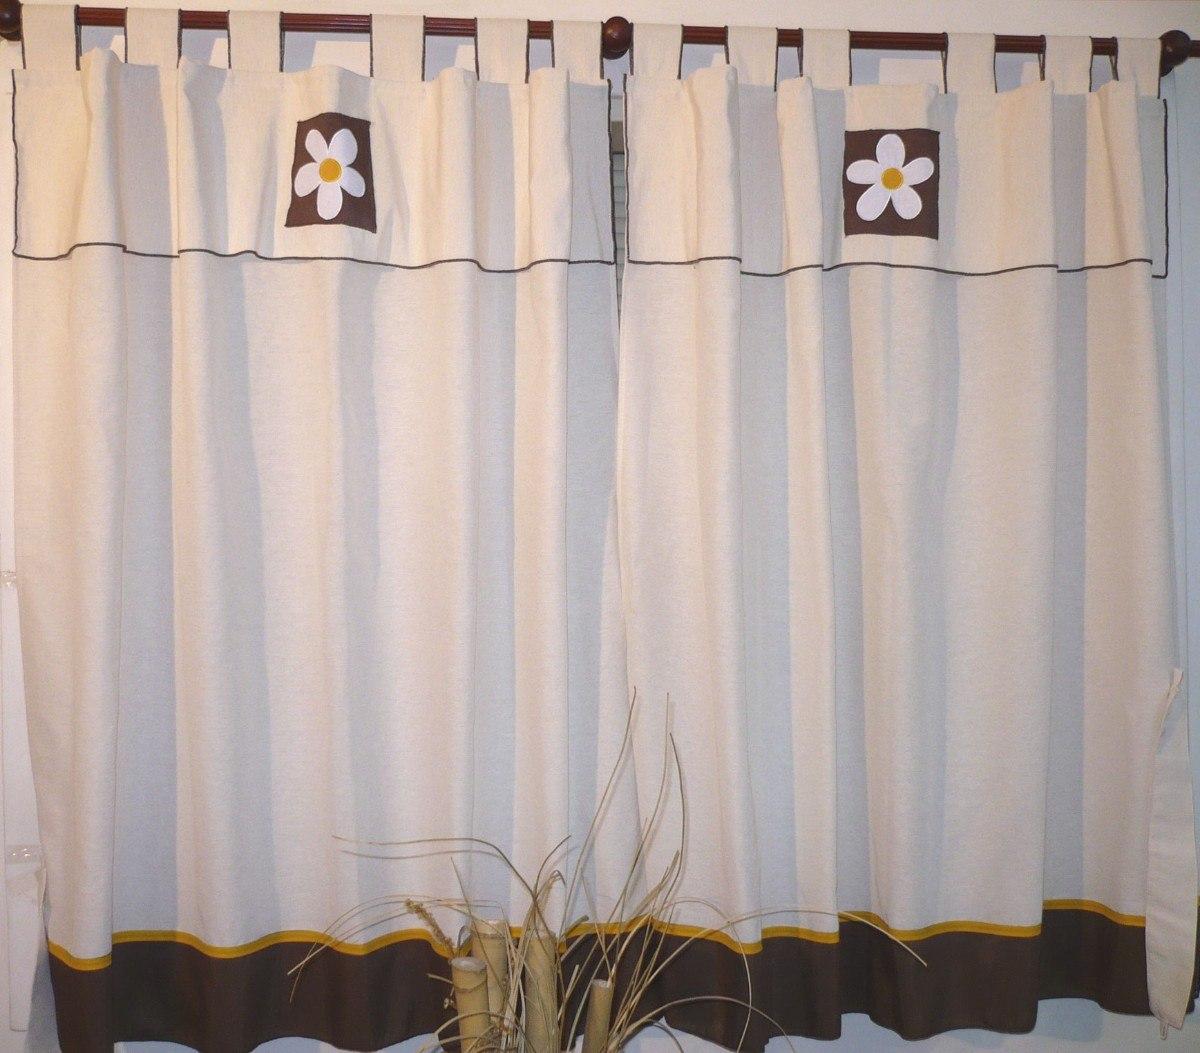 Fotos de cortinas de cocina imagui for Cortinas de tela para cocina